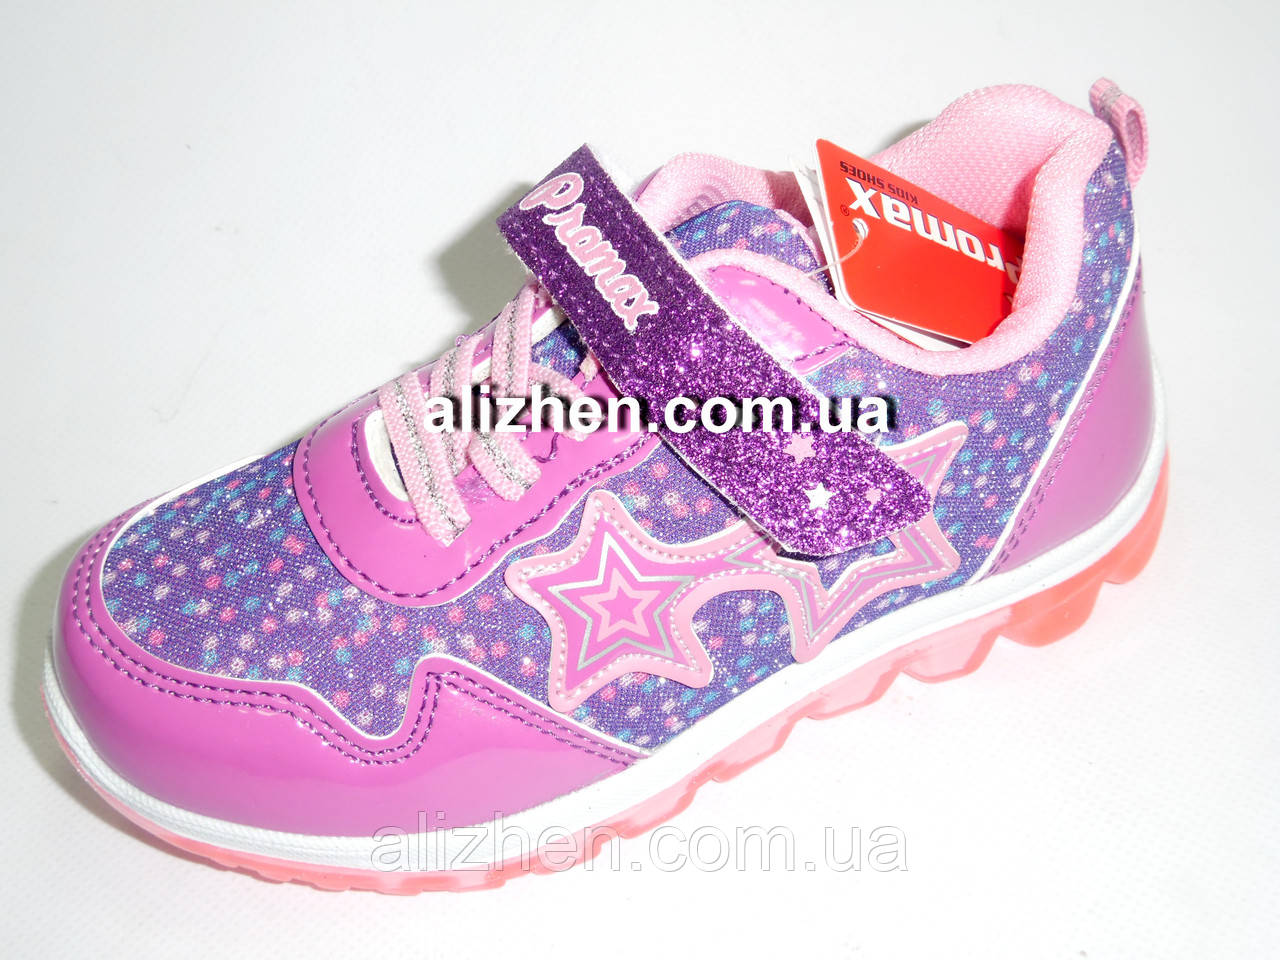 6d28c6ba Детские кроссовки с мигалками для девочек 27, 28, рр.Promax (промакс ...